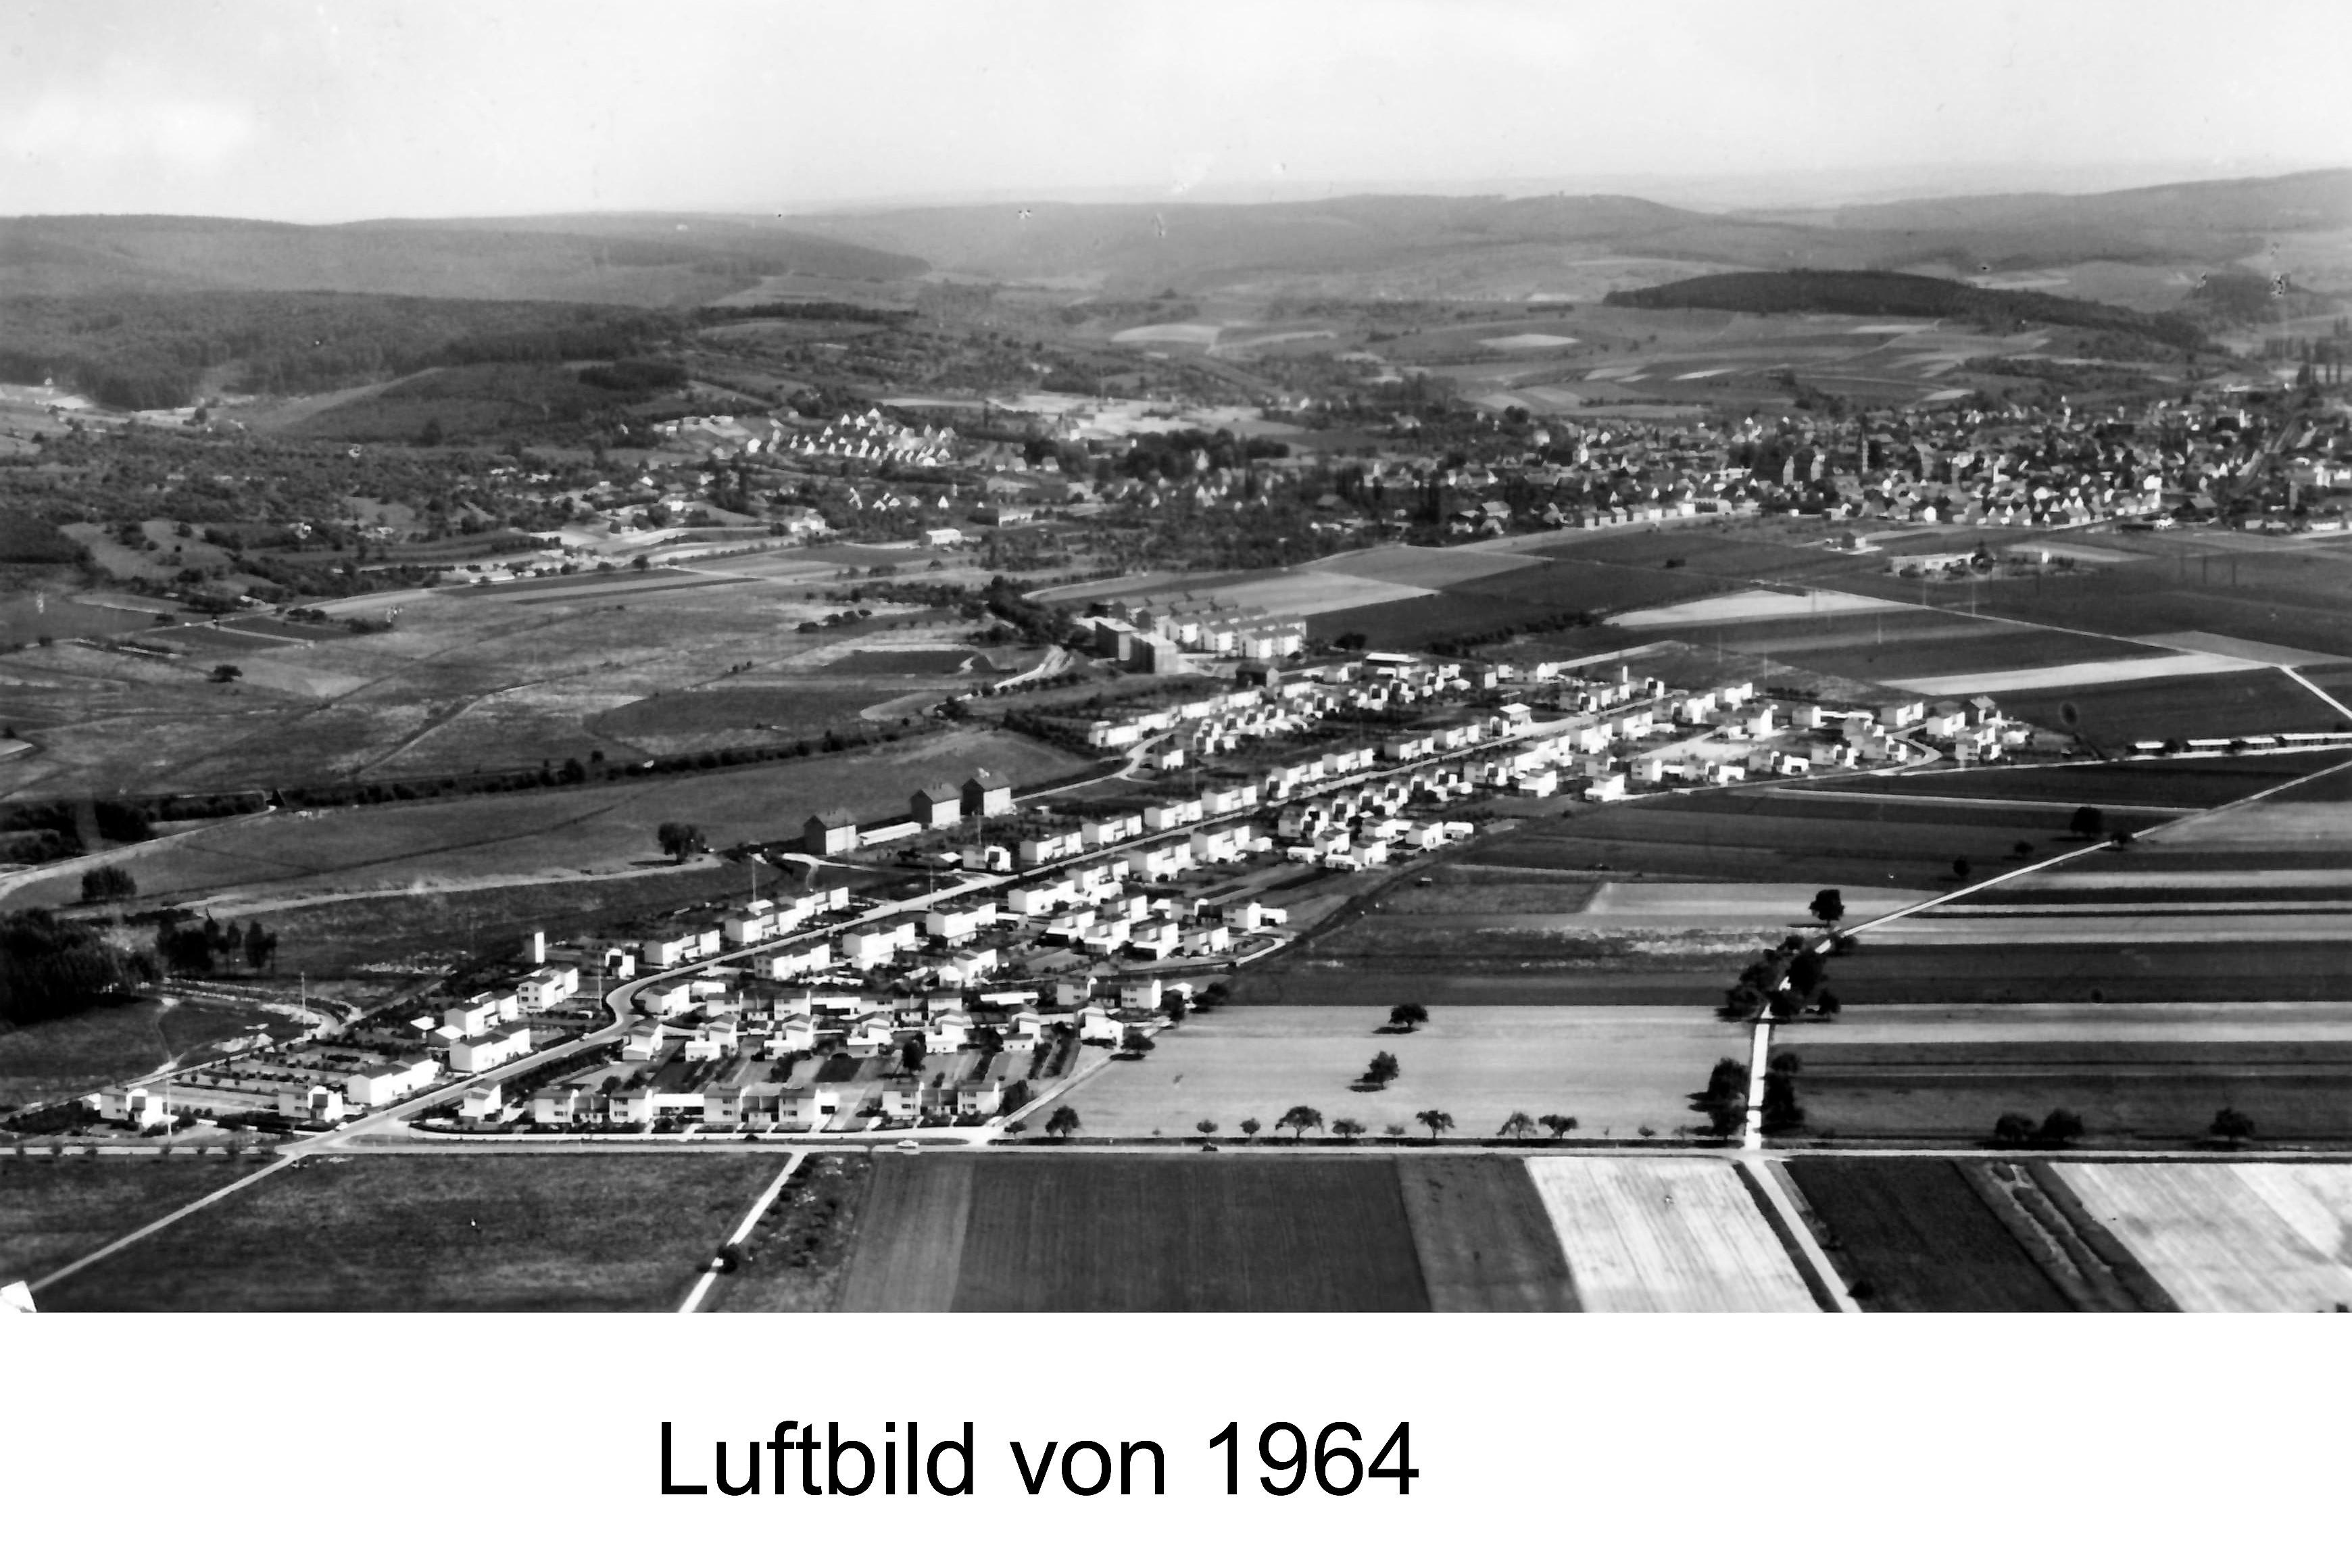 Luftbild 1964